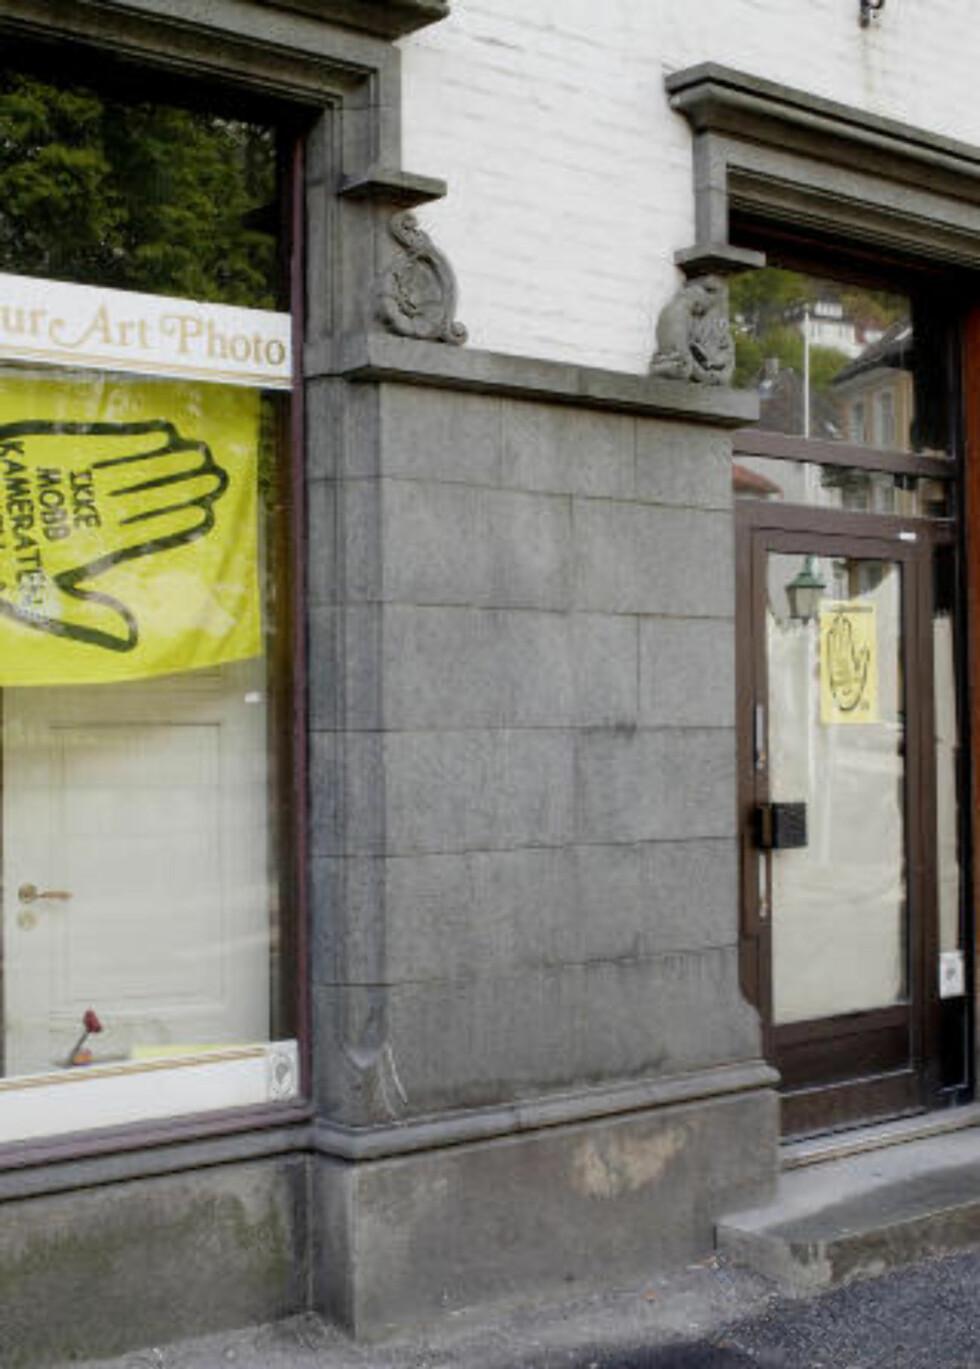 BESØKSADRESSEN: Registrert besøkssadresse for Riktig renholdsselskapet er Kong Oscars gate 25 i Bergen. Her ligger kontorlokalene SOS Rasisme eier.   FOTO: PAUL S. AMUNDSEN